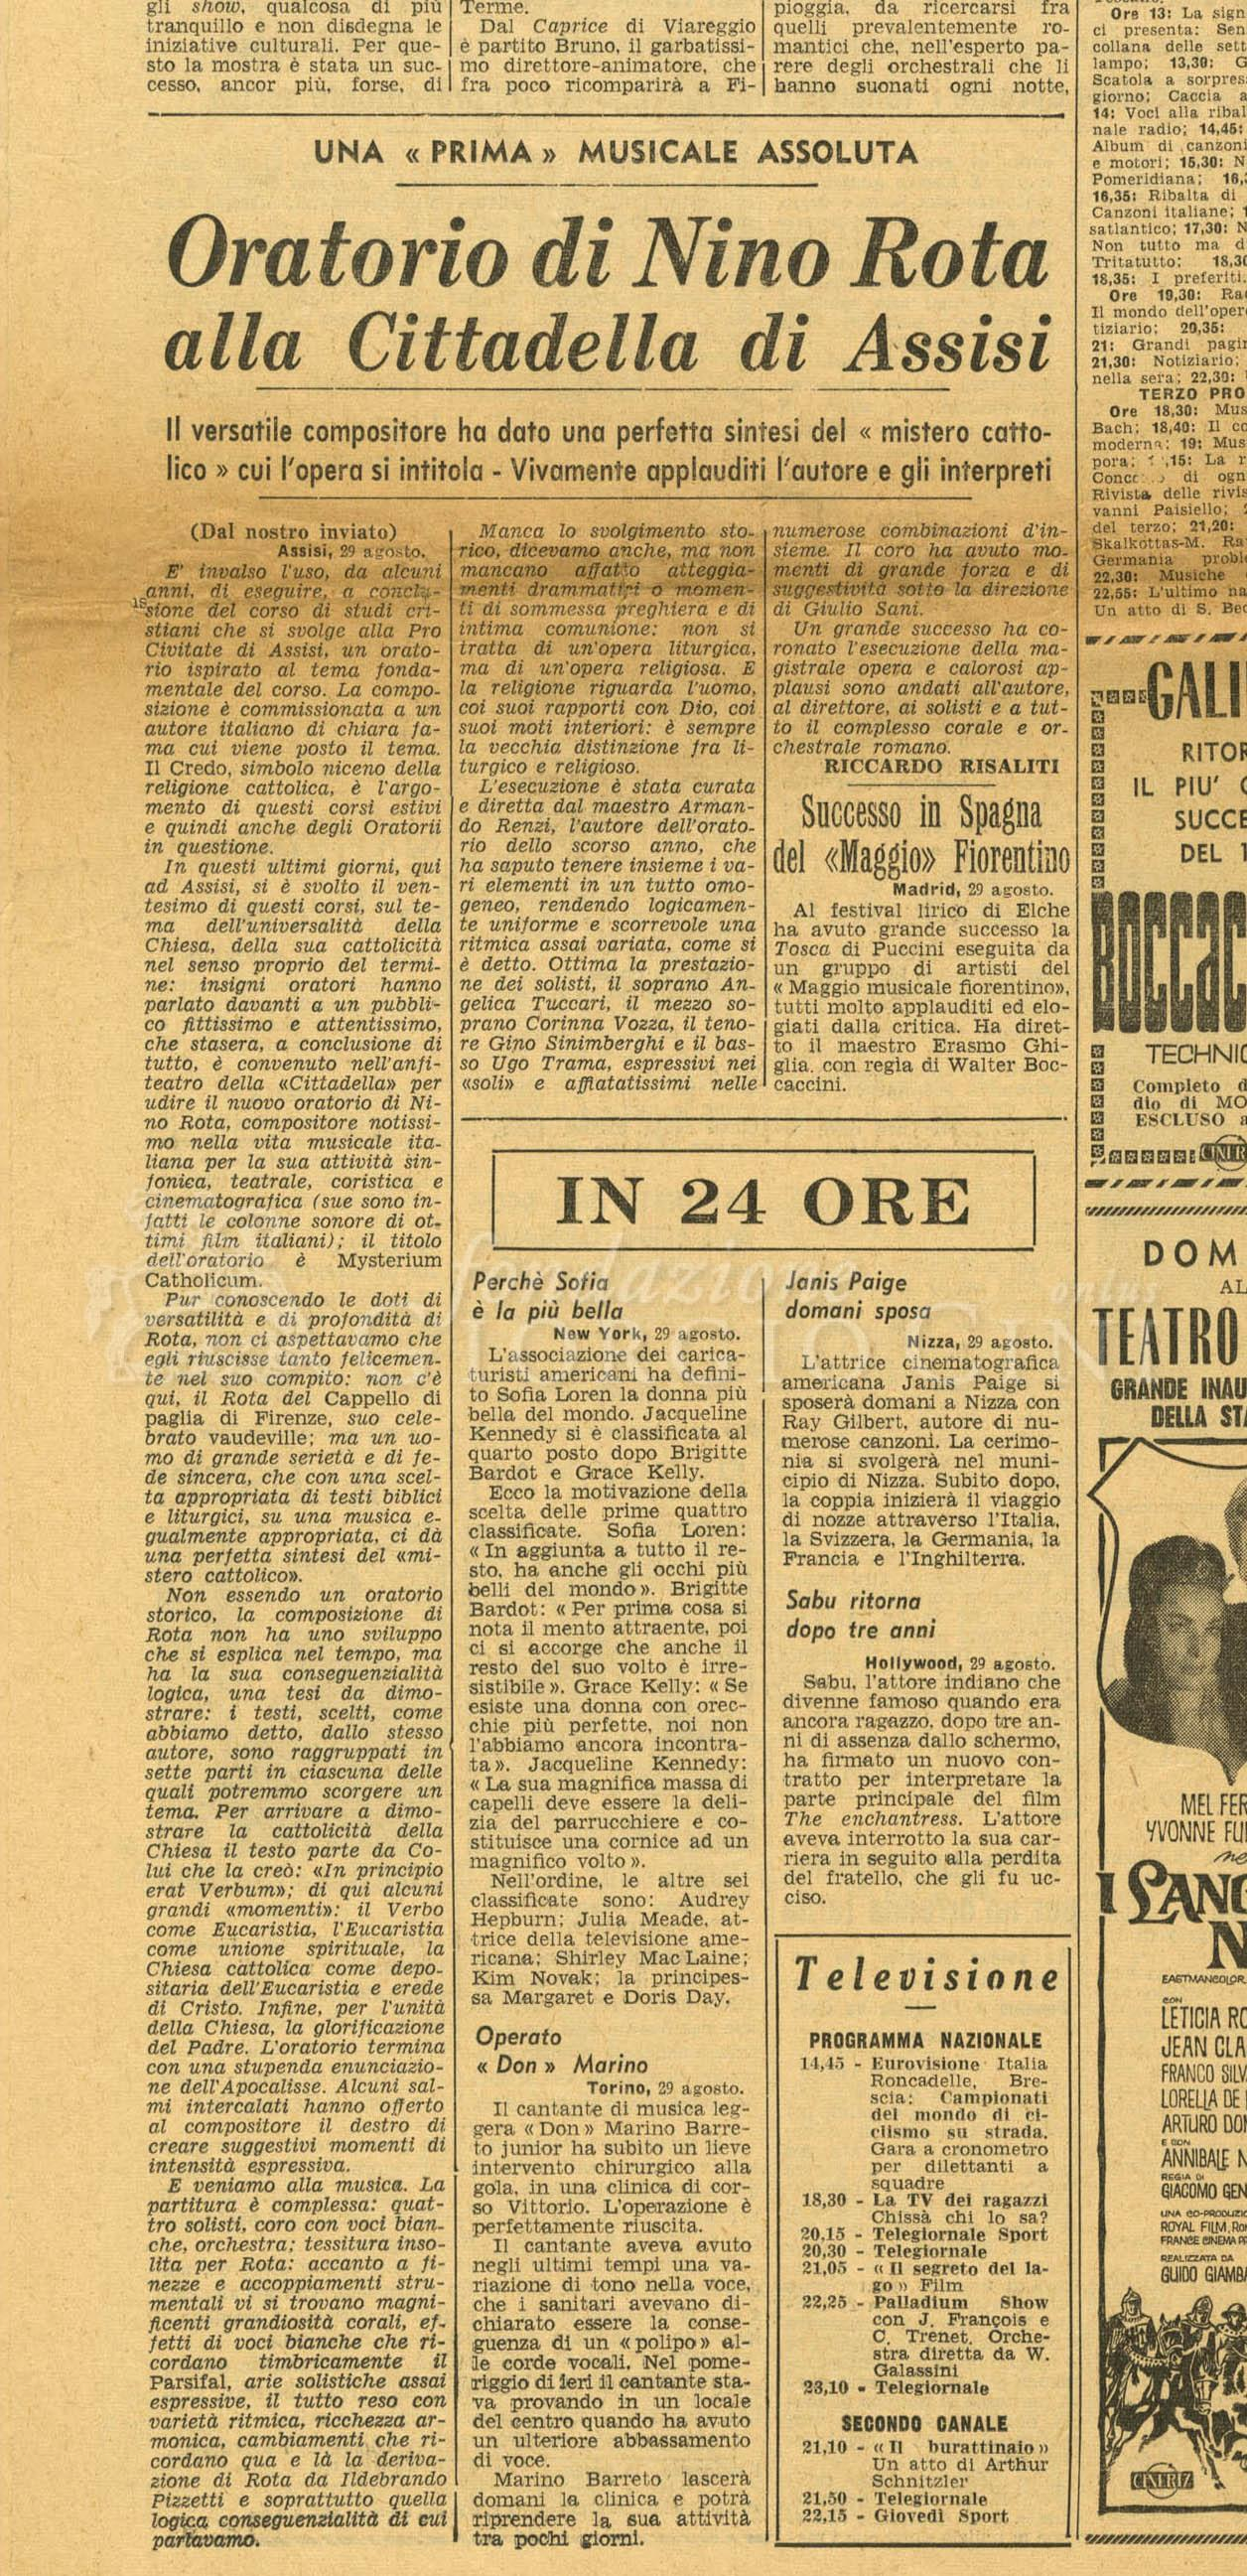 Oratorio di Nino Rota alla Cittadella di Assisi  30 agosto 1962